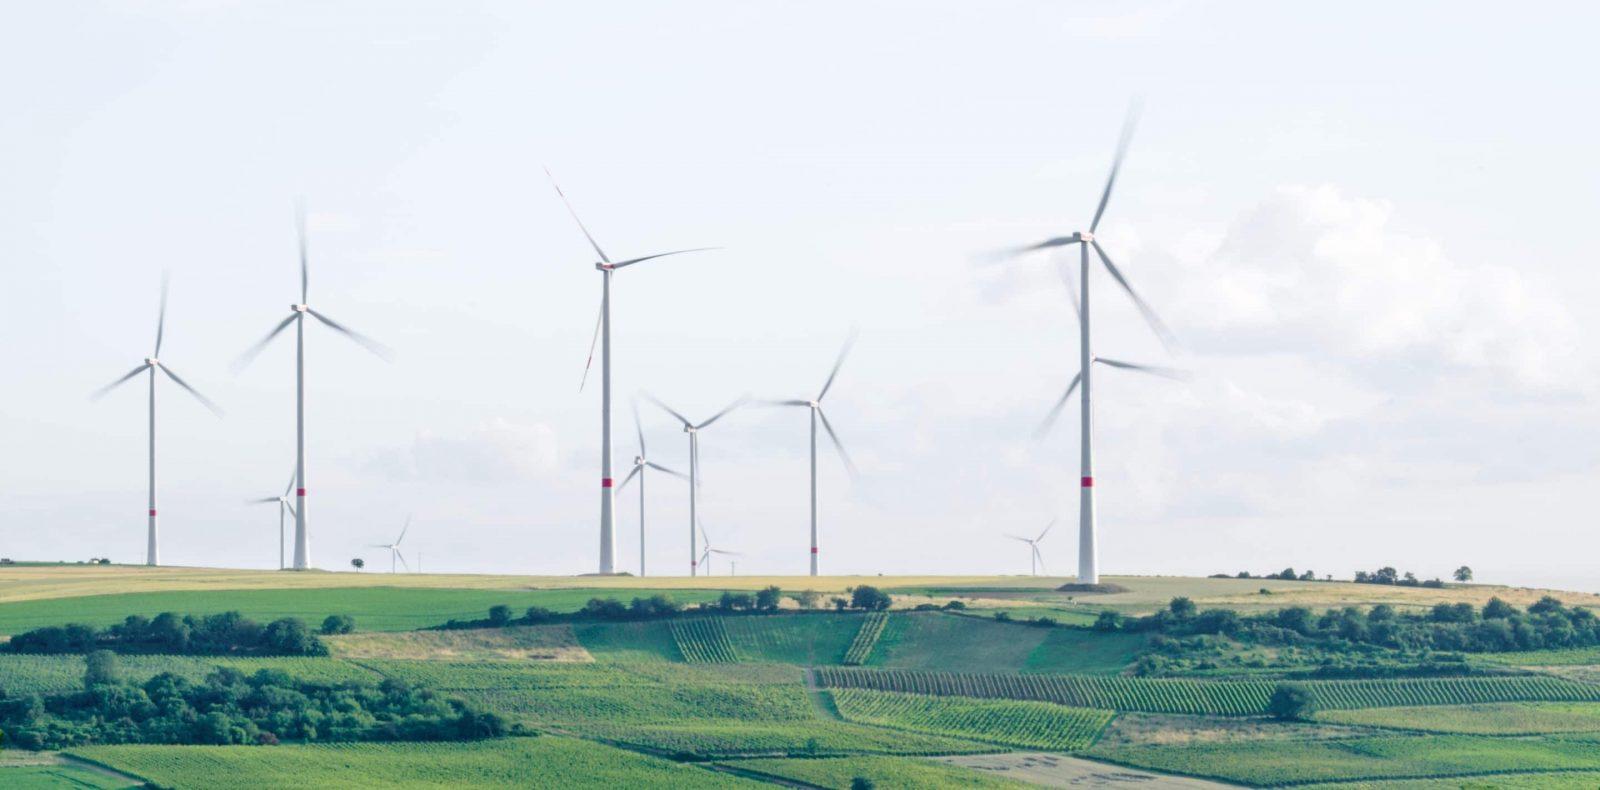 l'électricité verte est important pour la transition énergétique